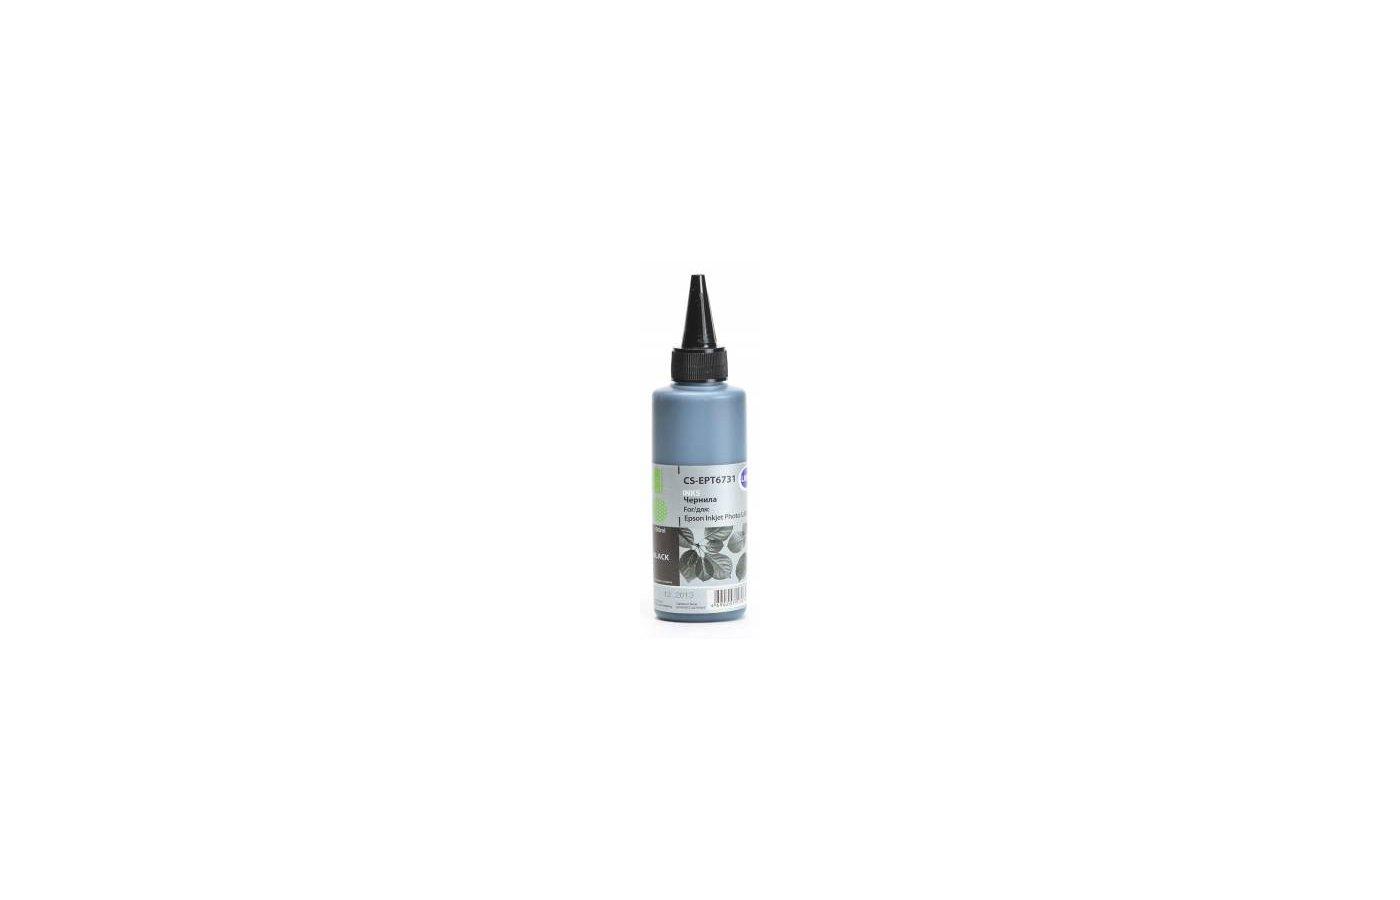 Картридж струйный Cactus CS-EPT6731 Чернила совместимые черный (100мл) Epson L800